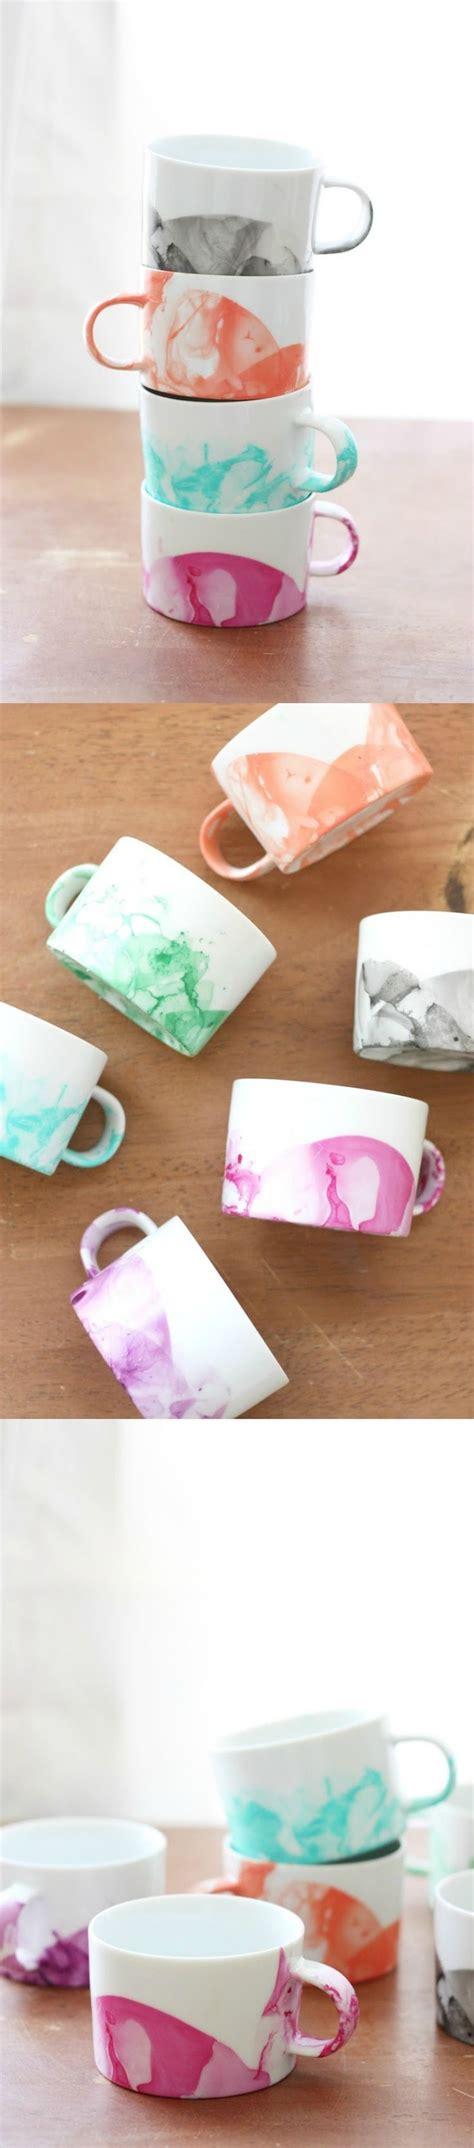 diy kitchen crafts 12 handy diy kitchen solutions in budget diy crafts you